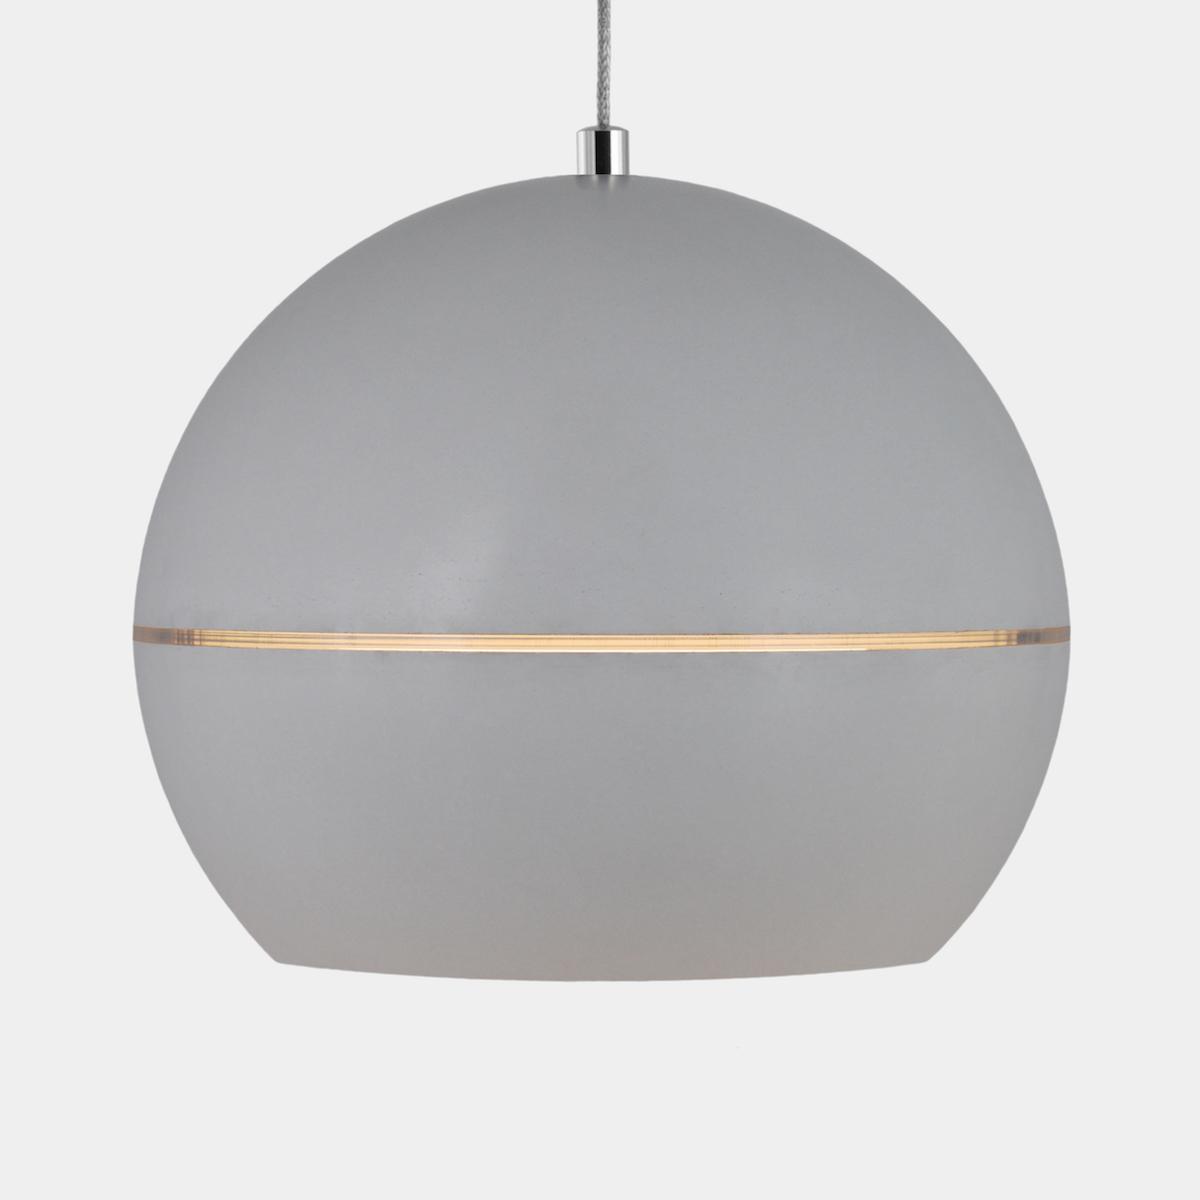 Coxalı Leuchte : Scutı · Grey · Cloudy · Lichtring : Creme Transparent